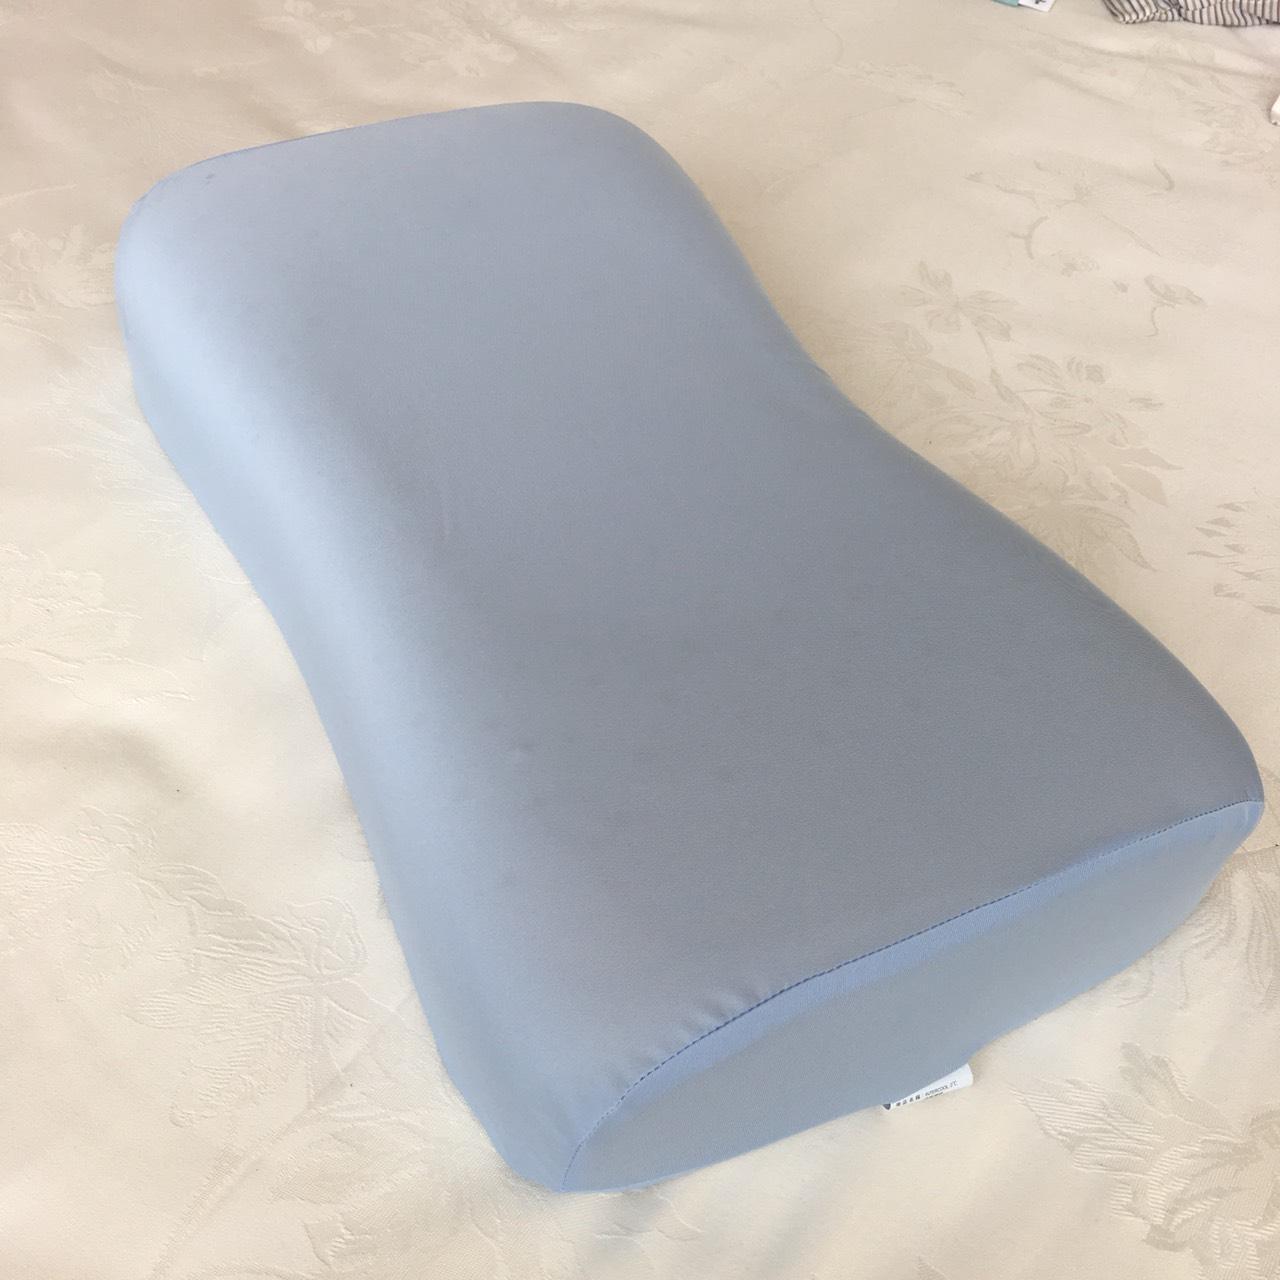 涼感枕系列│涼爽棉曲線8(單顆)|限時優惠買1送1